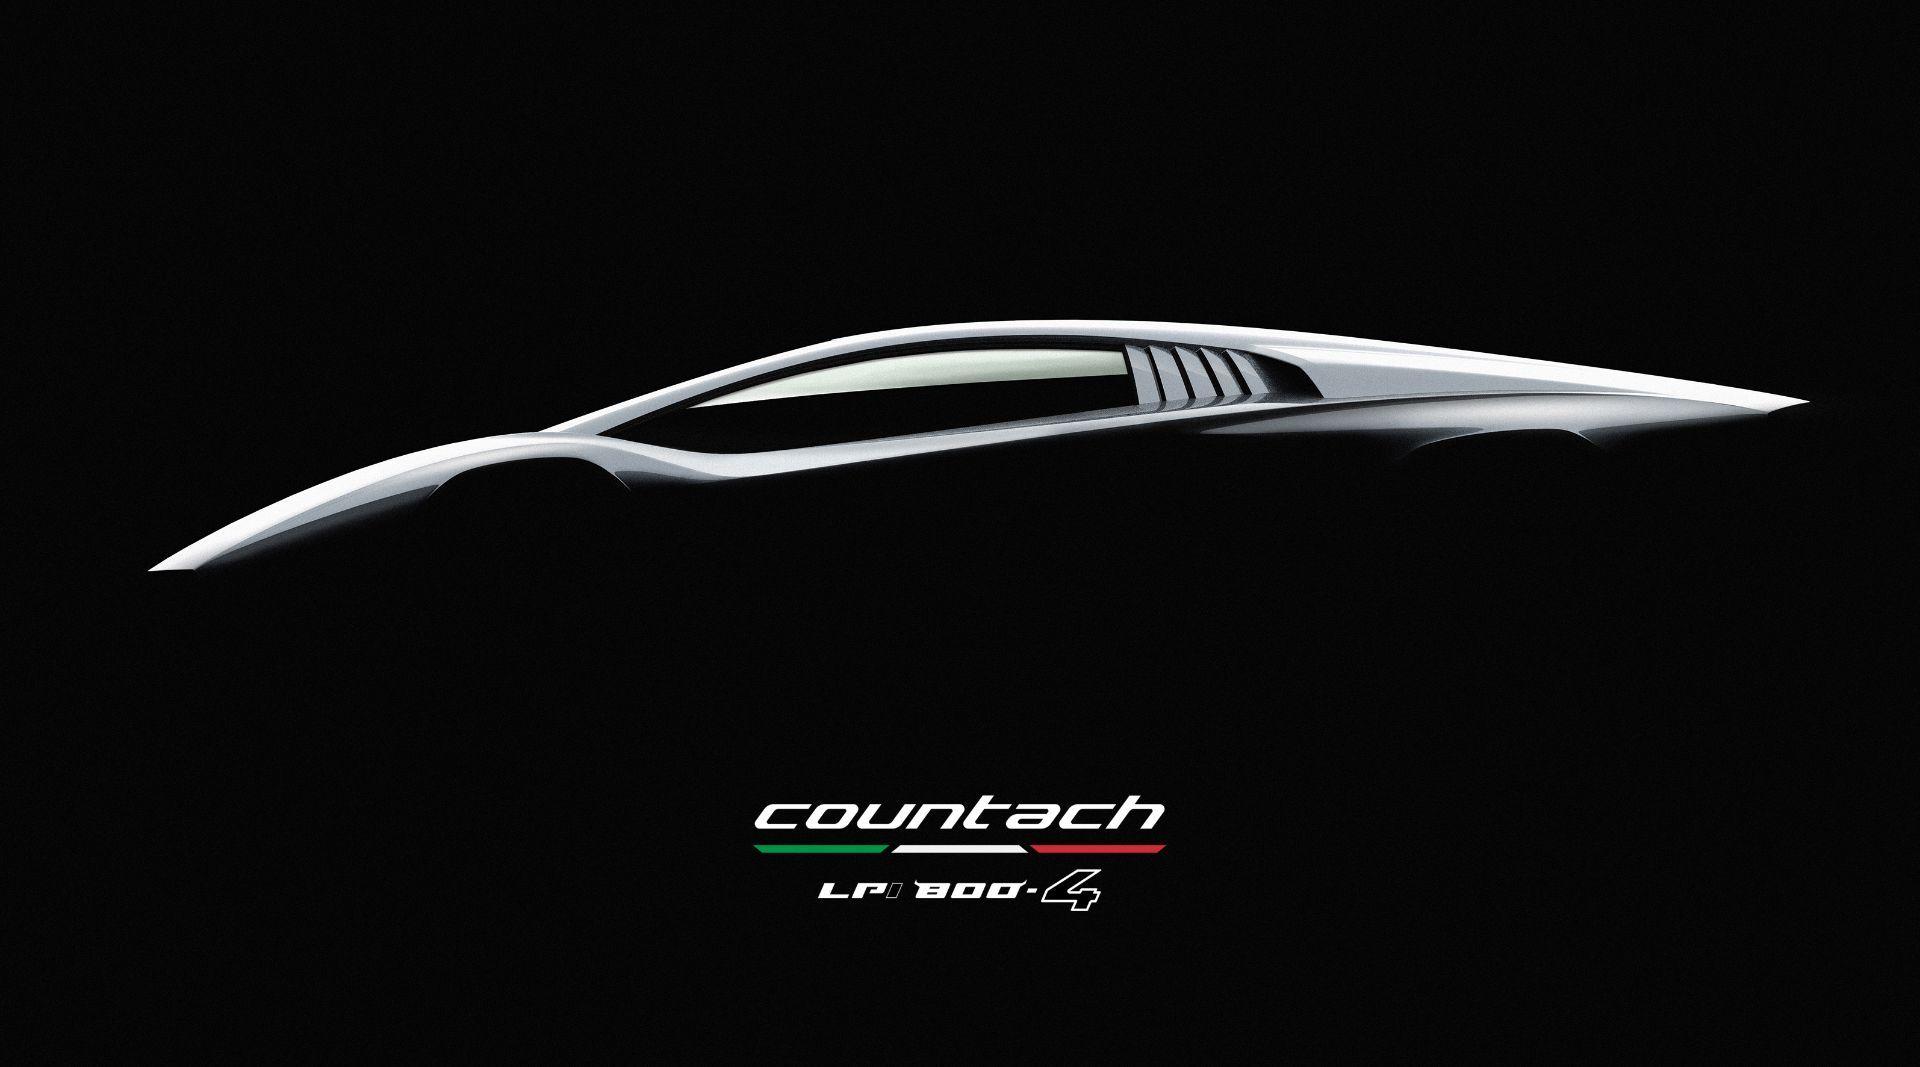 Lamborghini-Countach-LPI-800-4-120